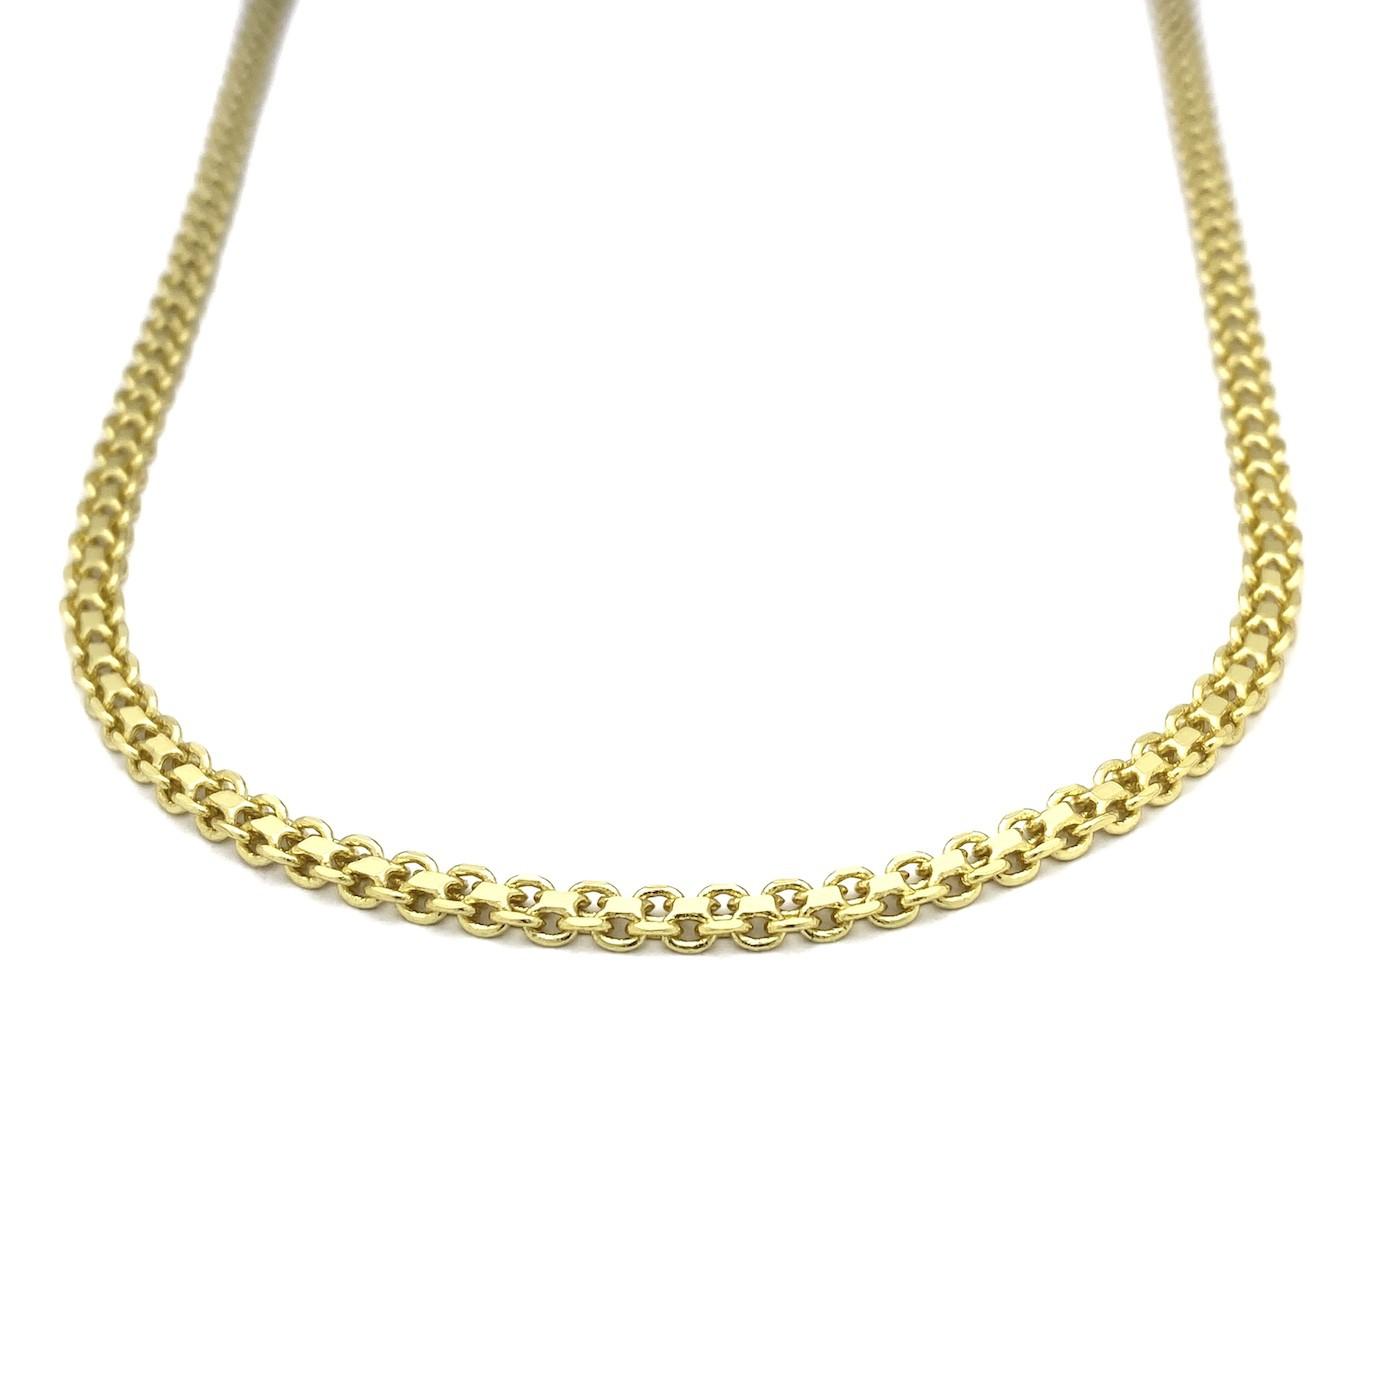 Conjunto Corrente Cadeado Duplo 3,5mm 60cm 13g (Fecho Gaveta) + Medalhão de São Bento (dupla face) 2,0cm X 2,0cm + Pulseira Cadeado Duplo 3,5mm 5g (Fecho Gaveta) (Banho Ouro 24K)